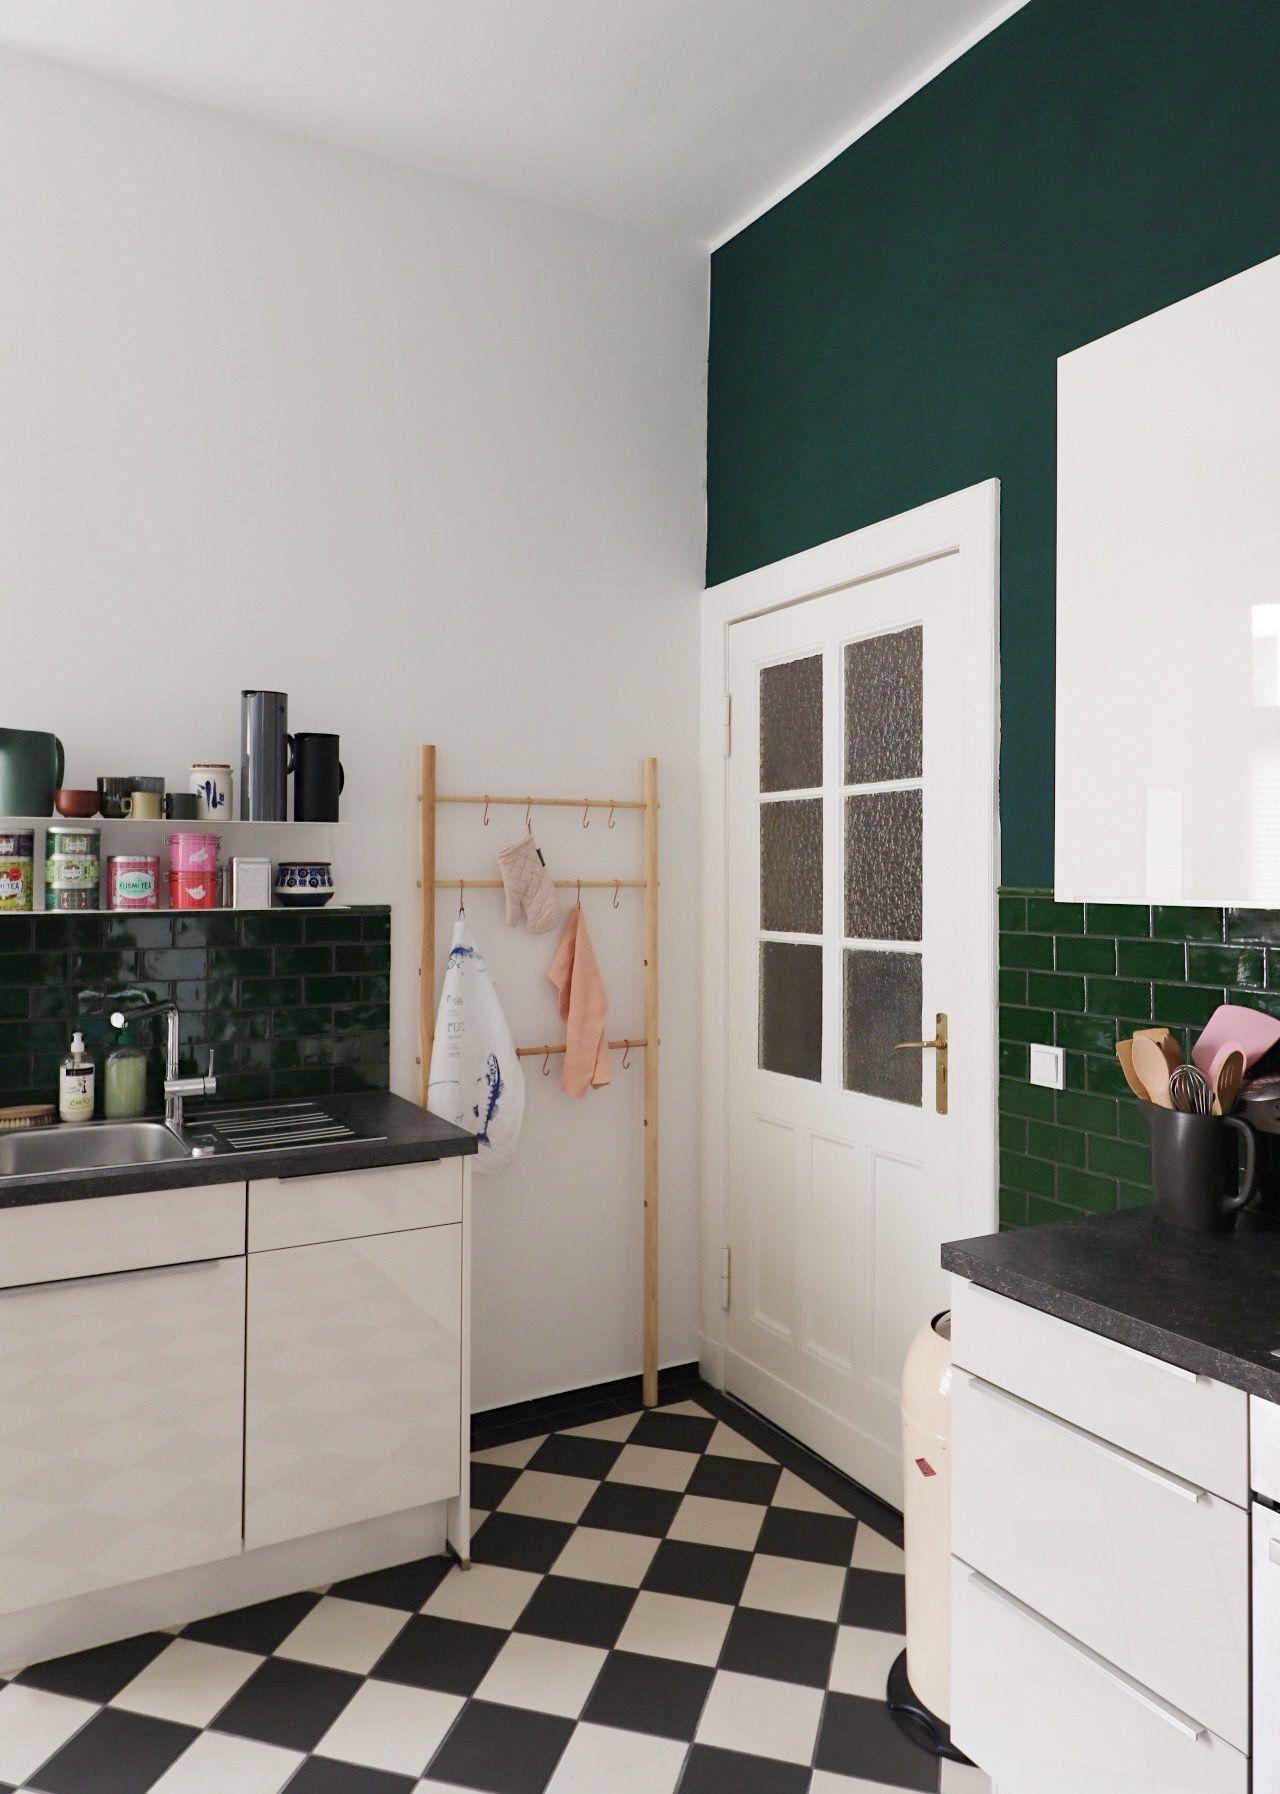 Full Size of Schne Ideen Fr Wandfarbe In Der Kche Weisse Landhausküche Moderne Gebraucht Weiß Grau Wohnzimmer Landhausküche Wandfarbe